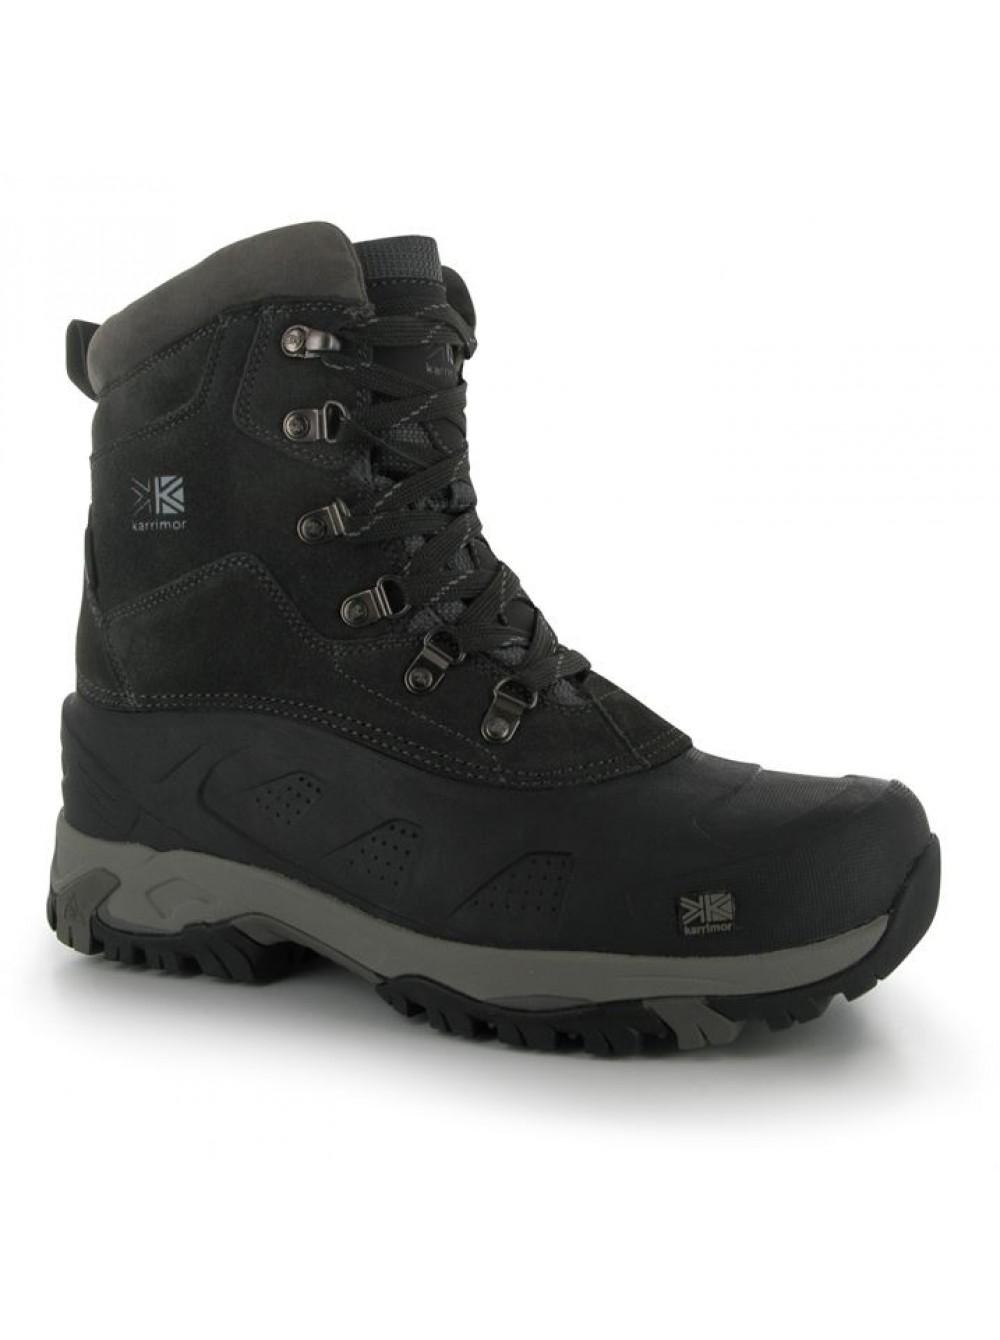 a434204ec Karrimor Snowfur - Зимняя трекинговая обувь - Обувь для зимних походов